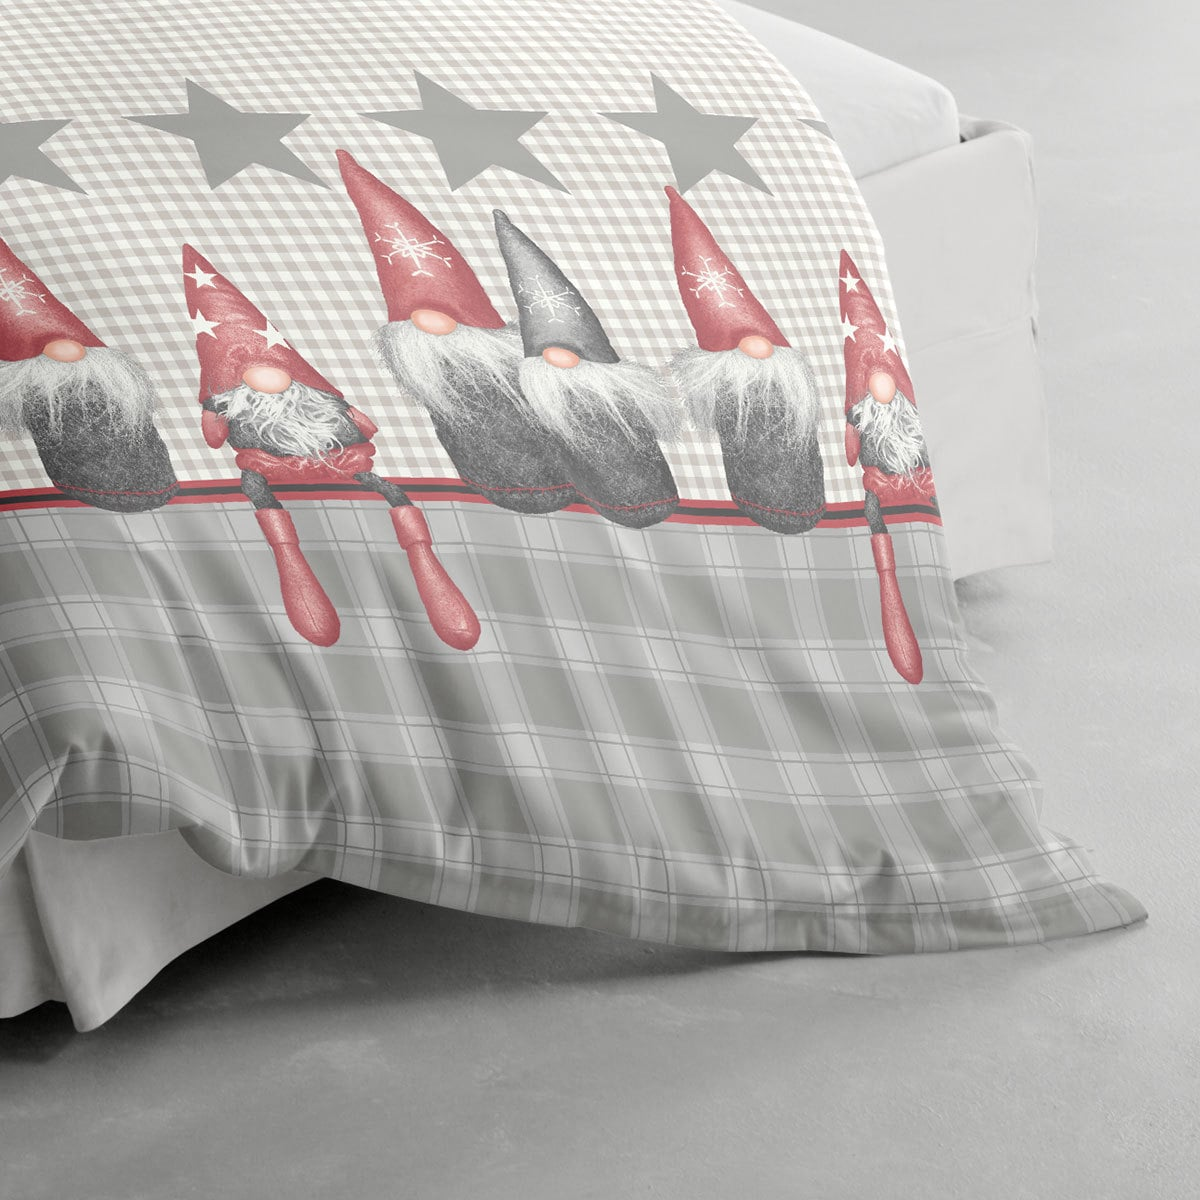 traumschlaf biber bettw sche wichtelm nnchen g nstig online kaufen bei bettwaren shop. Black Bedroom Furniture Sets. Home Design Ideas